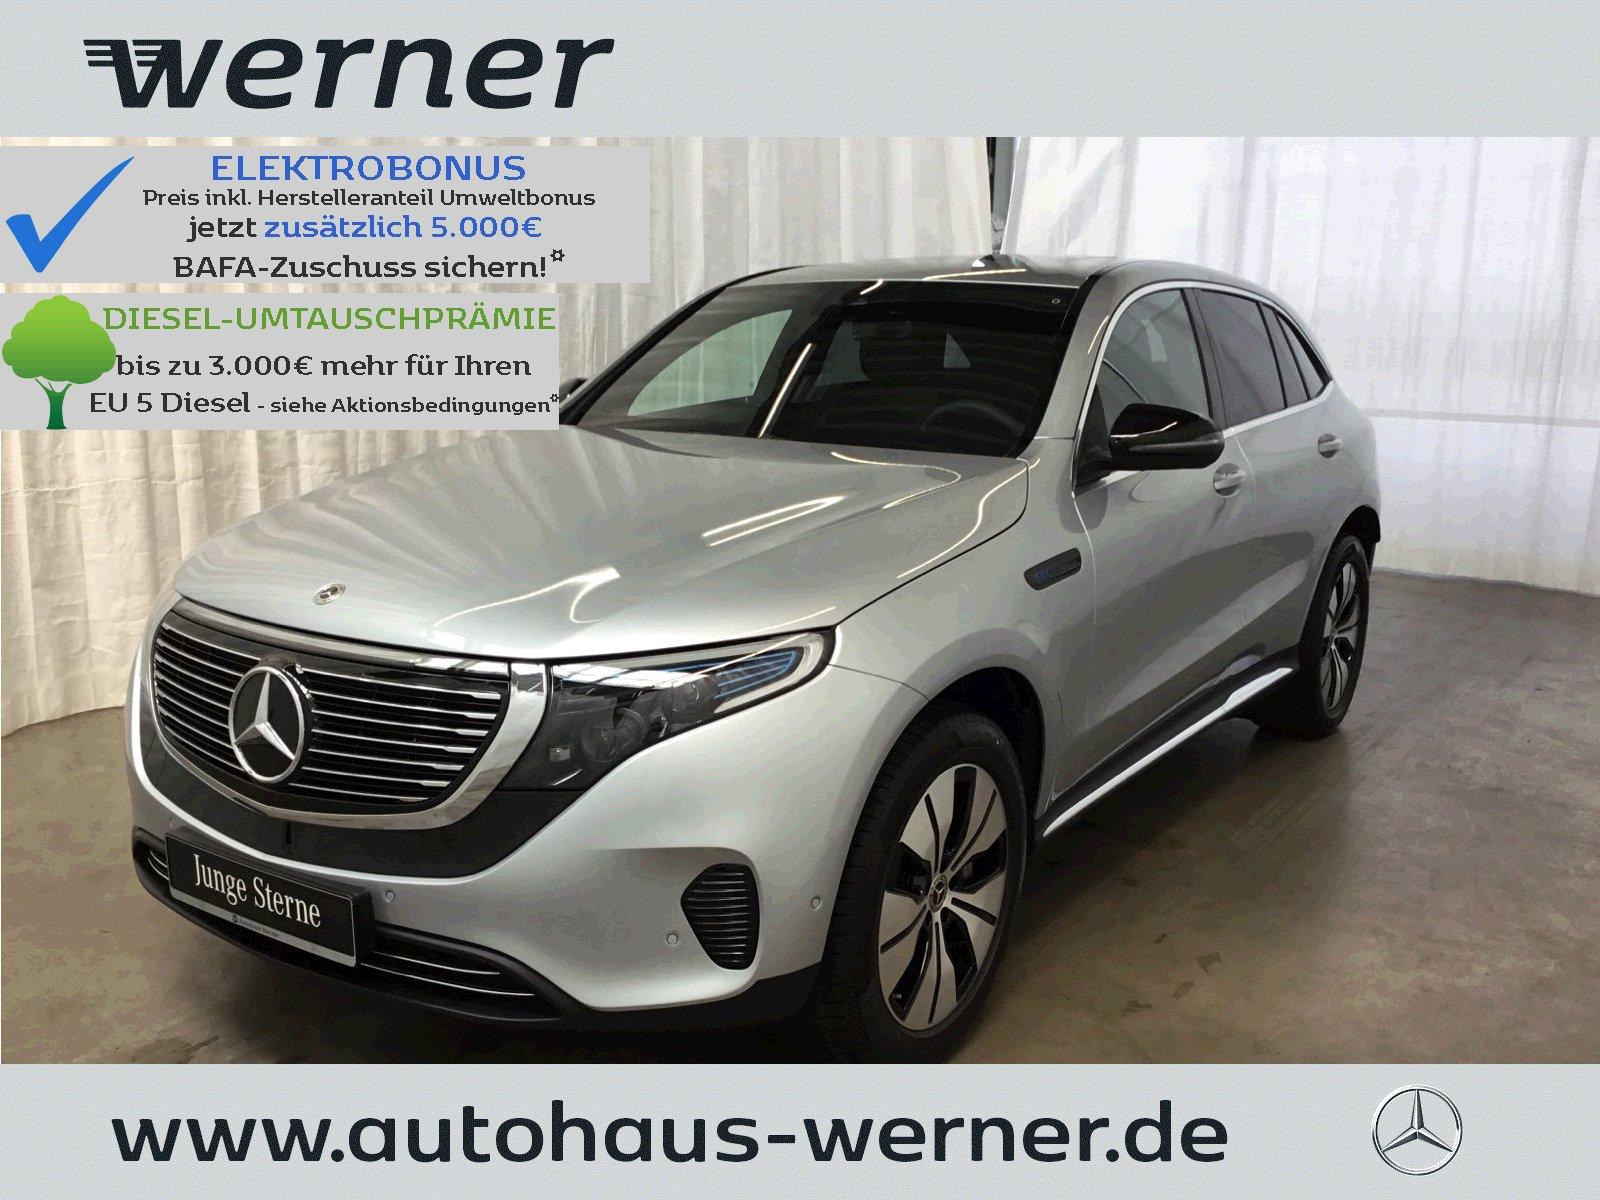 Mercedes-Benz EQC 400 4M AMG innen+Schiebedach+Totwinkel+, Jahr 2020, Elektro